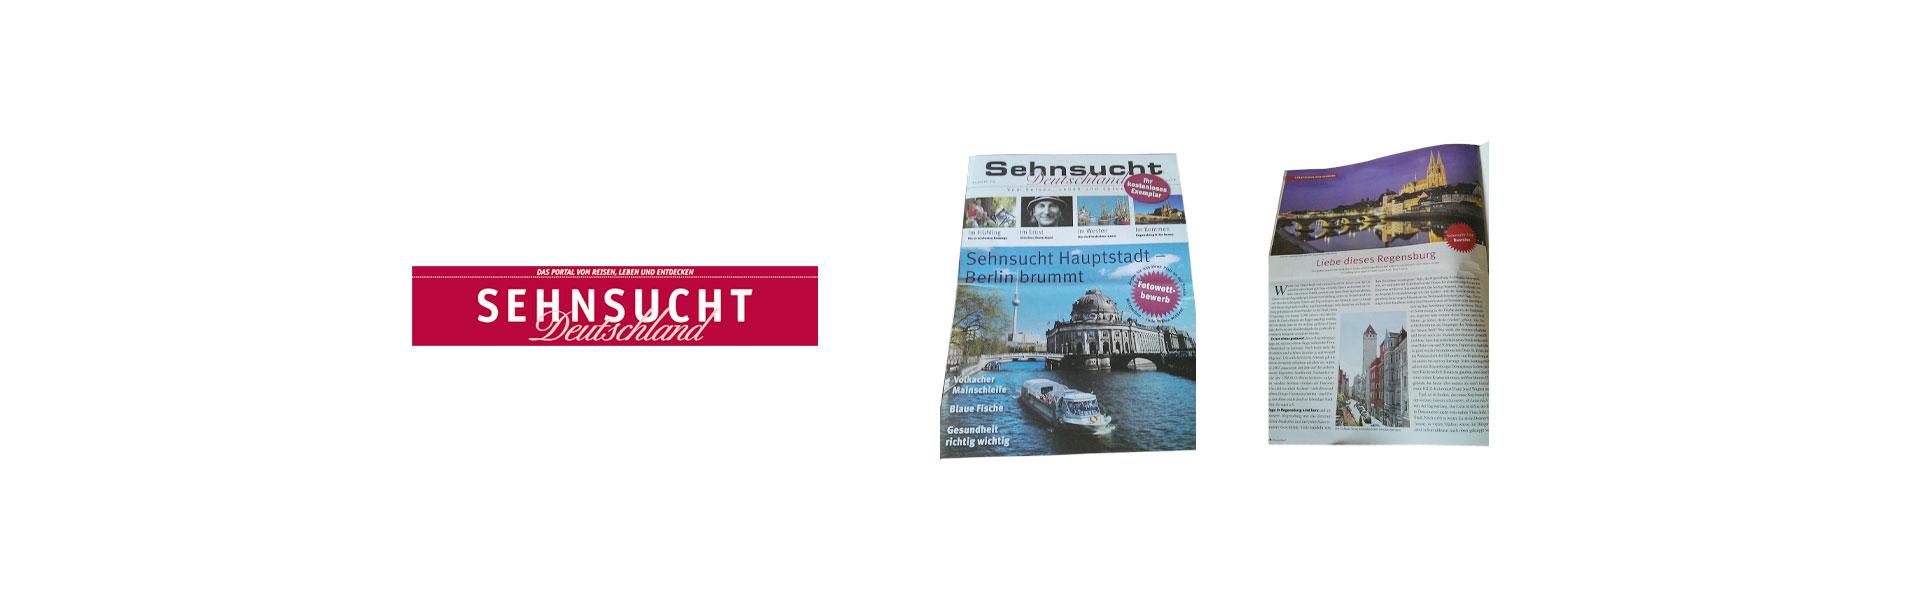 sehnsucht-deutschland